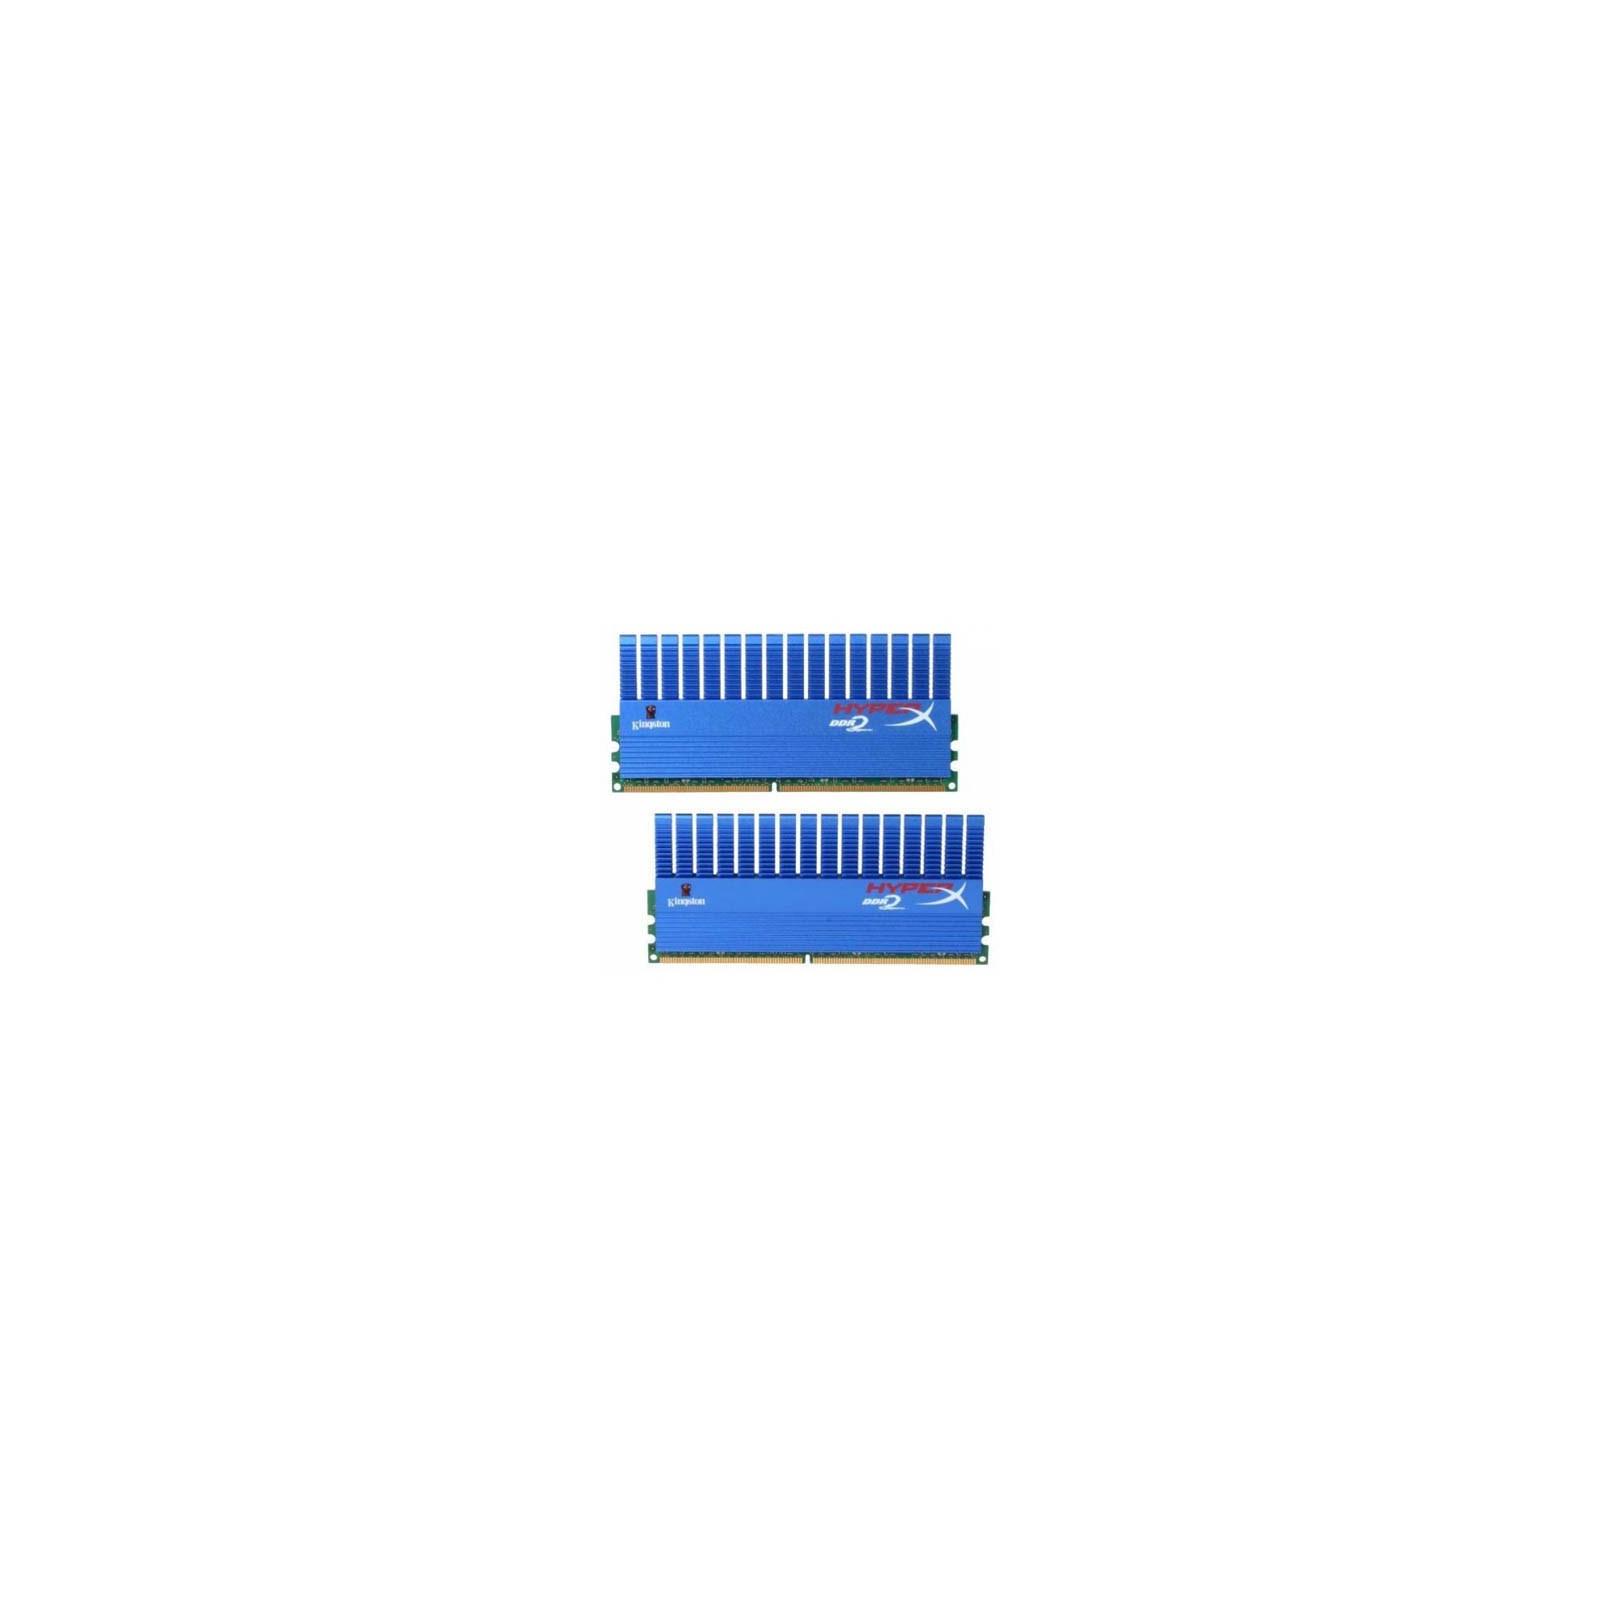 Модуль памяти для компьютера DDR2 4GB (2х2GB) 1066 MHz Kingston (KHX8500D2T1K2/4G)